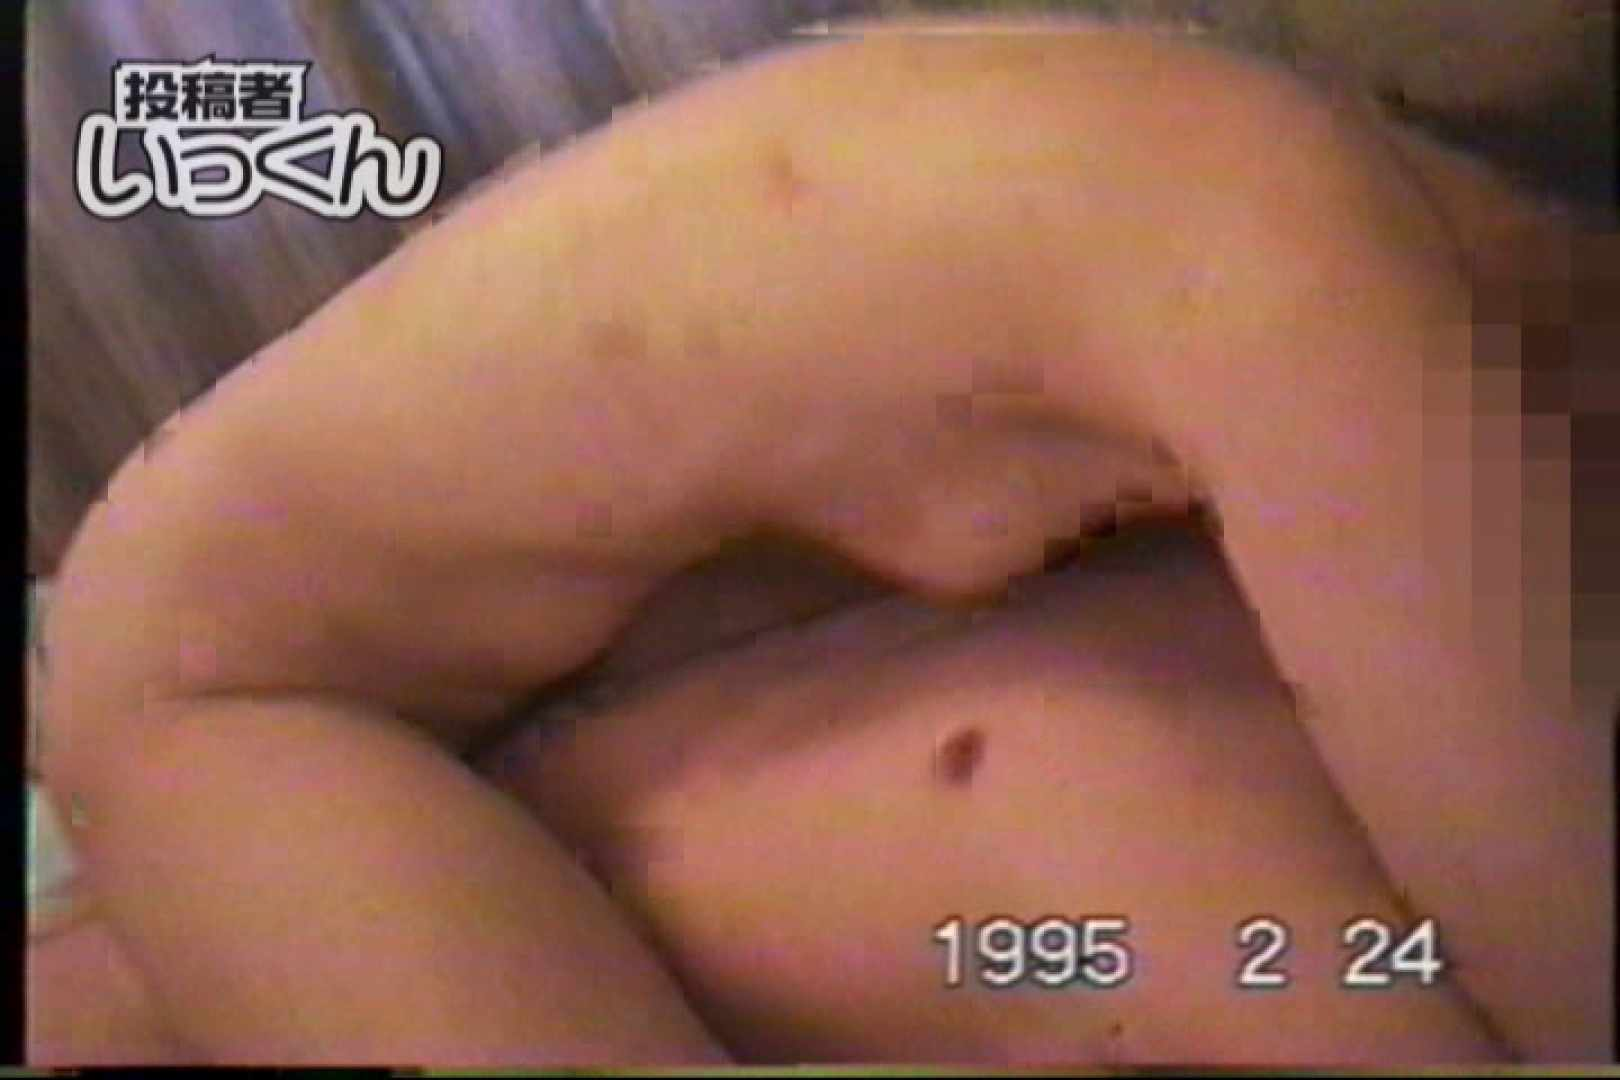 調教師いっくんの ちほ撮影バレ 一般投稿  57pic 8